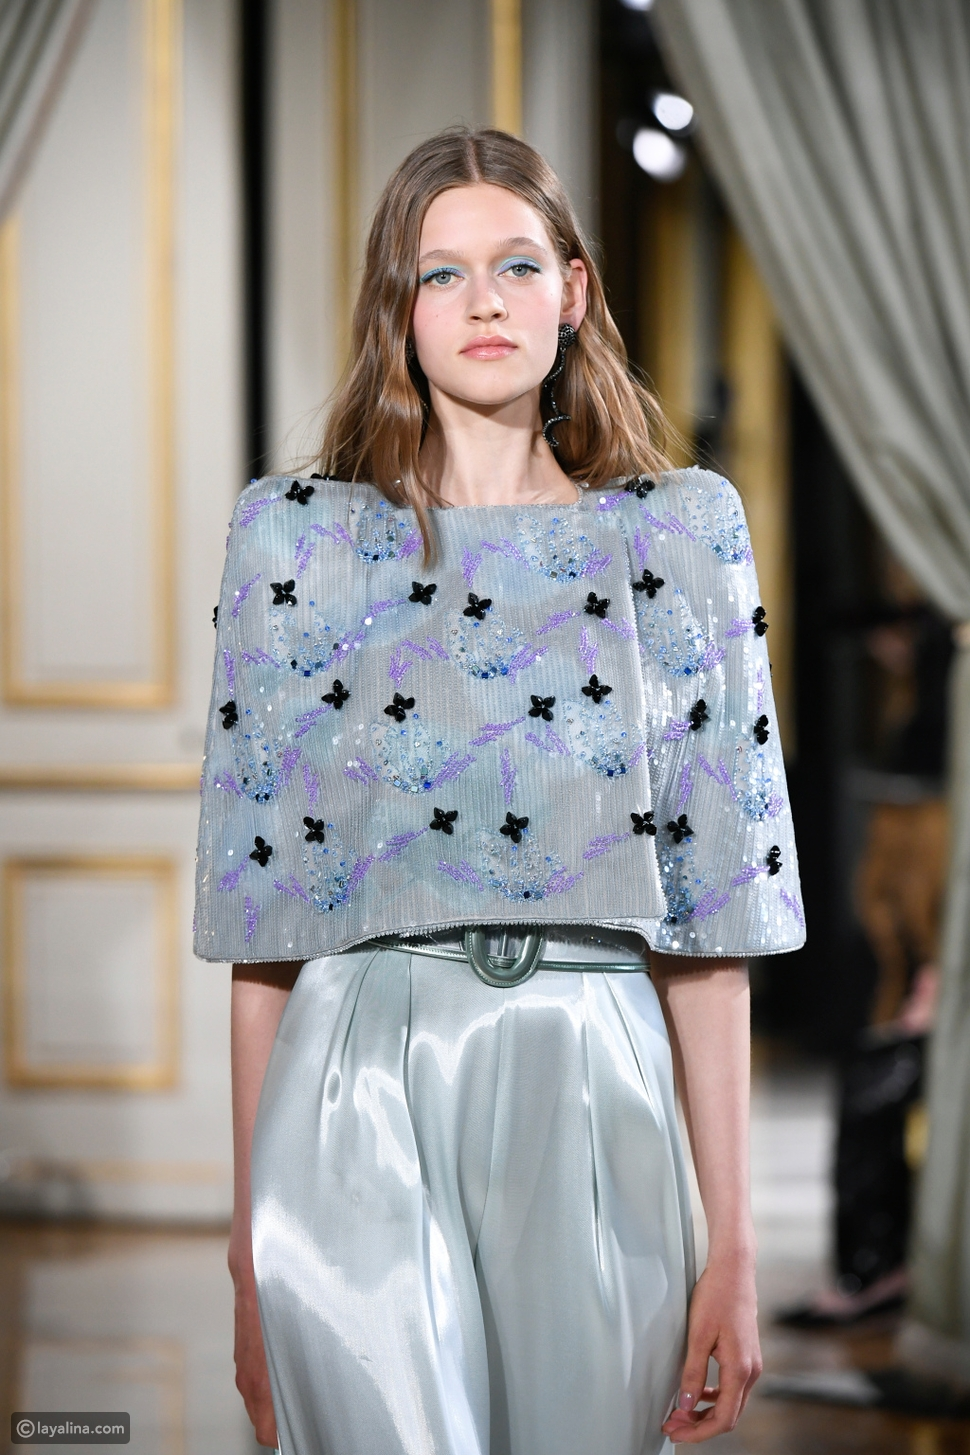 ظلال العيون الملونة في مجموعةArmani Privé Couture